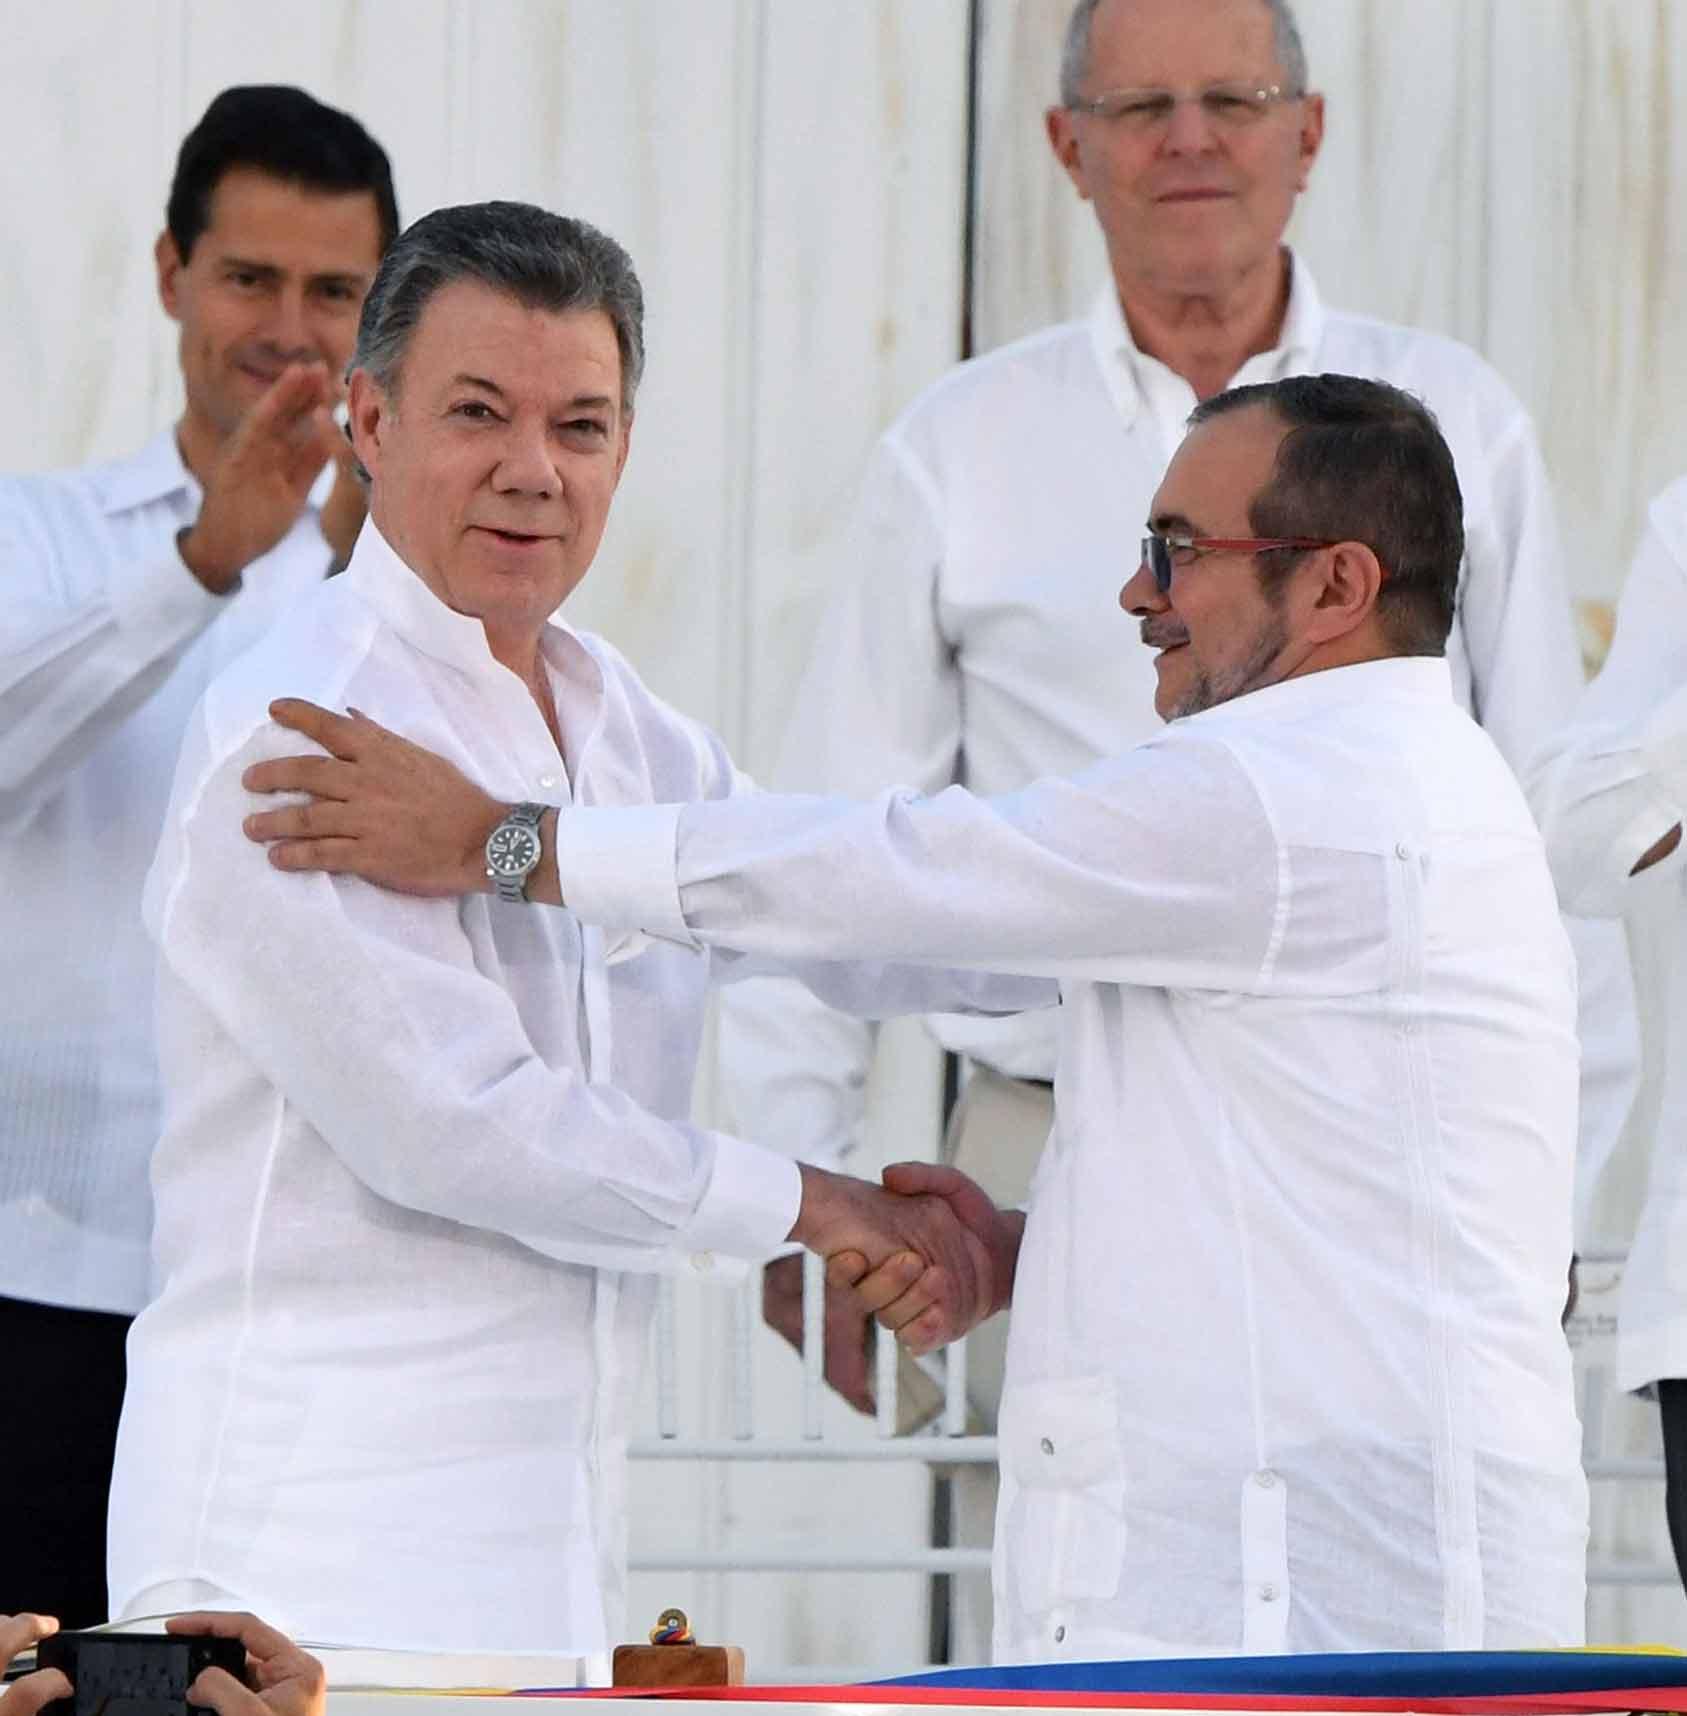 '52년만의 화해 악수'…콜롬비아 정부-반군 평화협정 서명